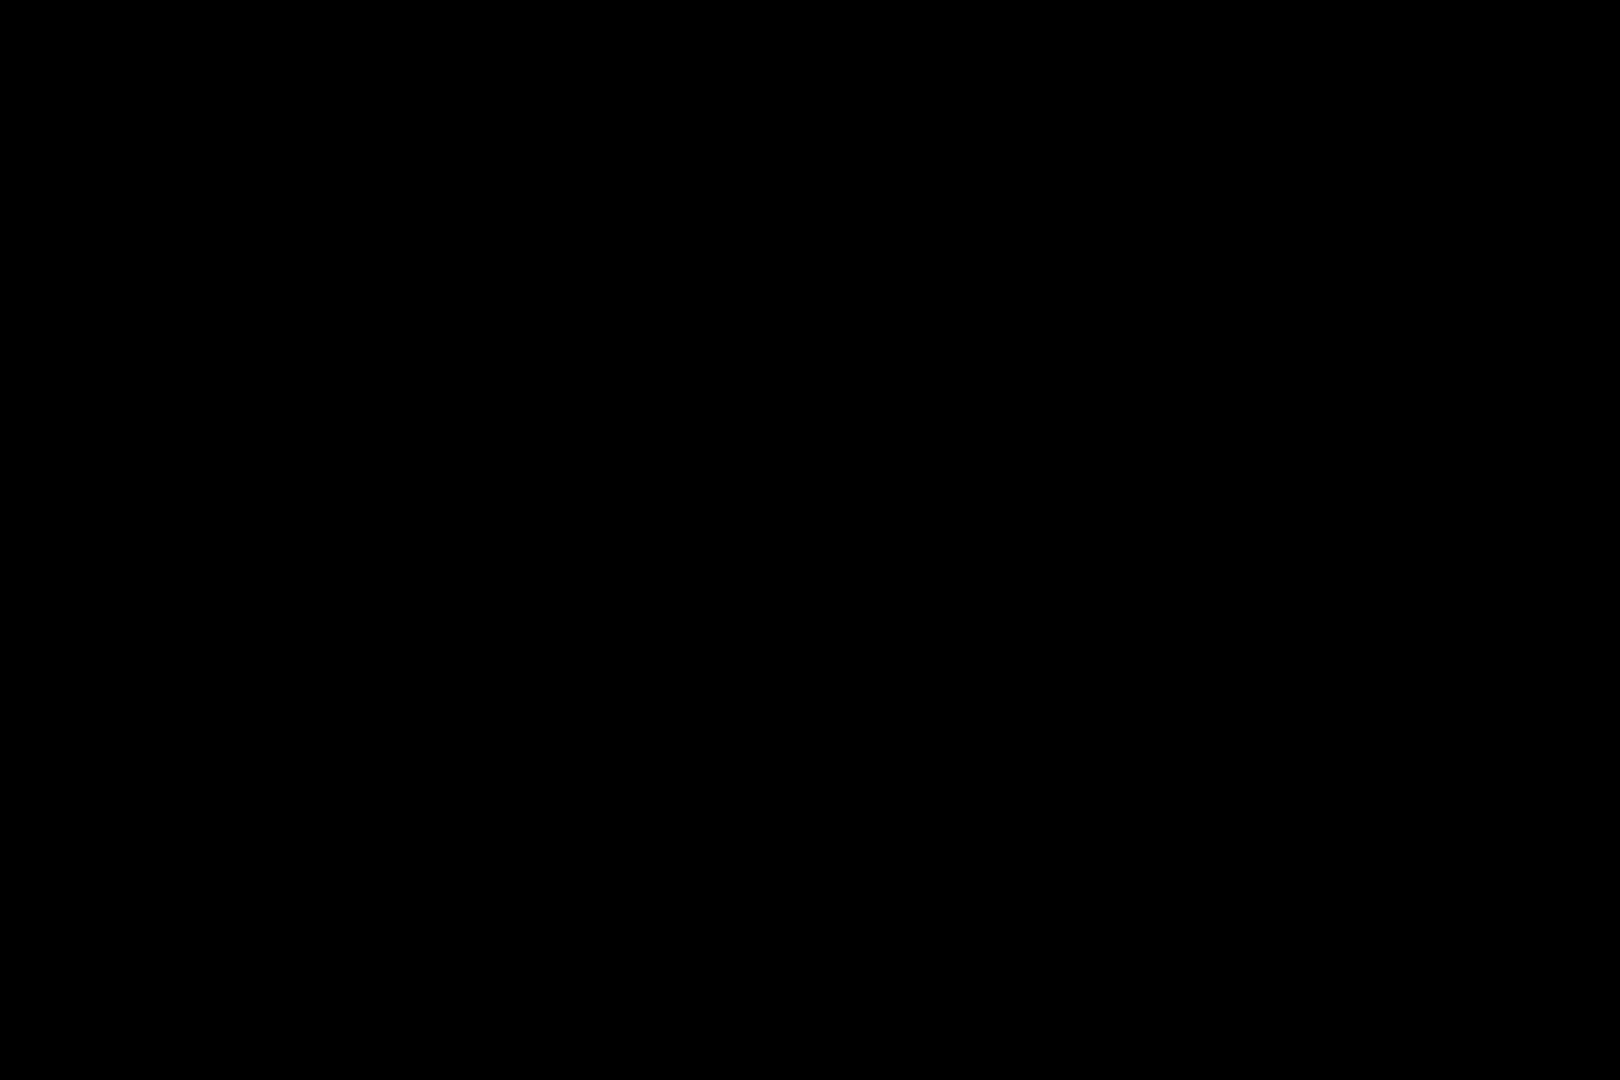 「充血監督」さんの深夜の運動会!! vol.145 OL女体 オマンコ無修正動画無料 109連発 10